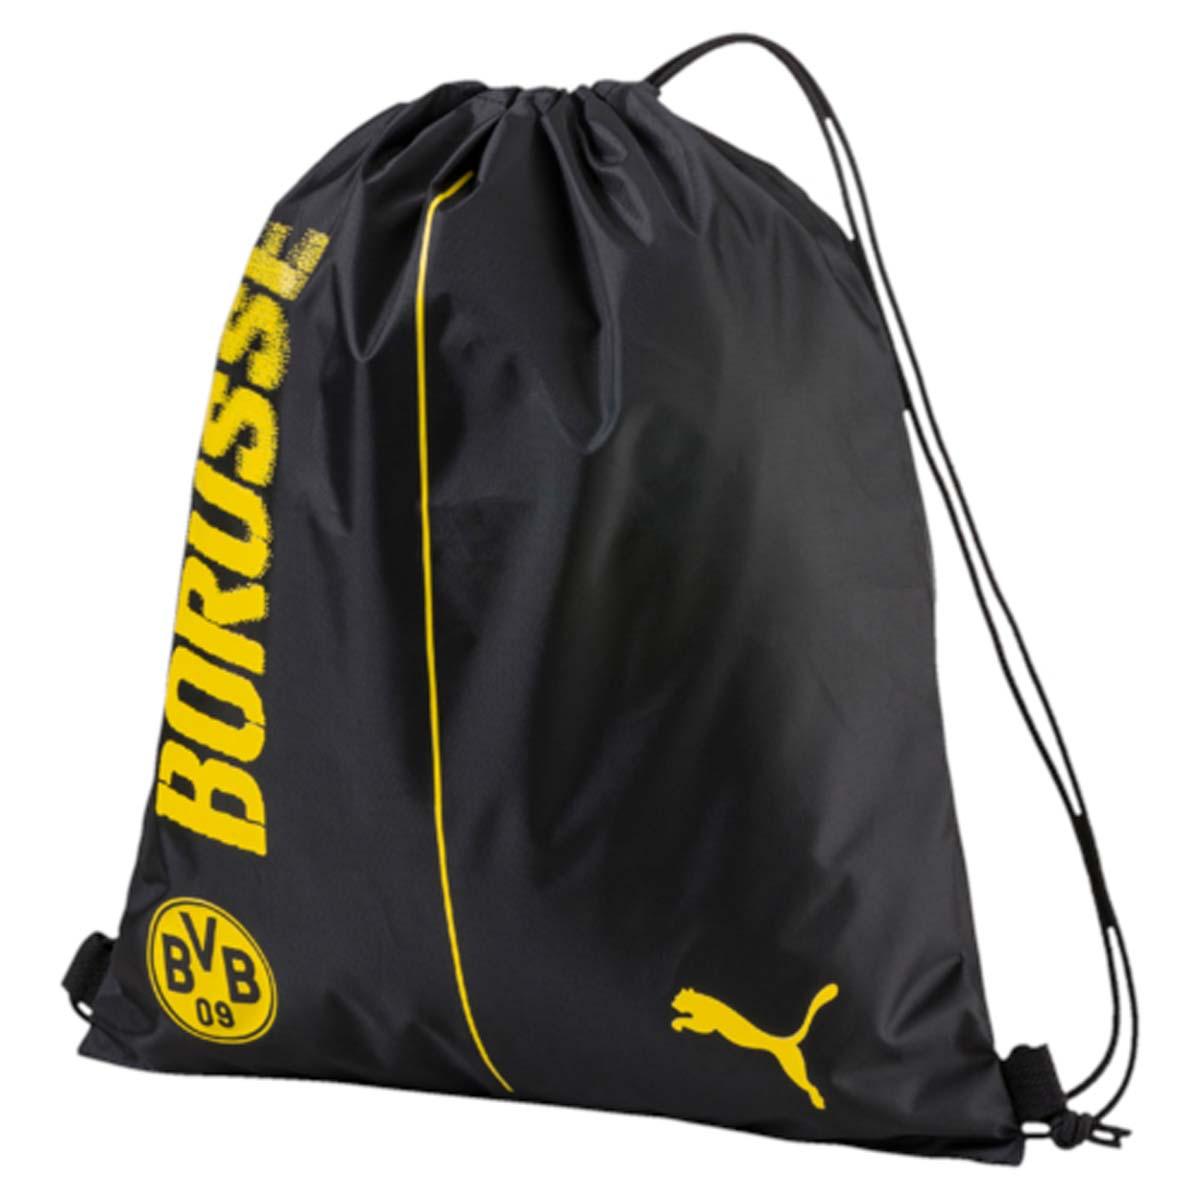 Рюкзак Puma Bvb Fanwear Gym Sack, цвет: черный. 07462301BM8434-58AEСпортивный рюкзак Puma выполнен из текстиля. Модель с одним отделением на затягивающемся шнурке и тонких лямках.